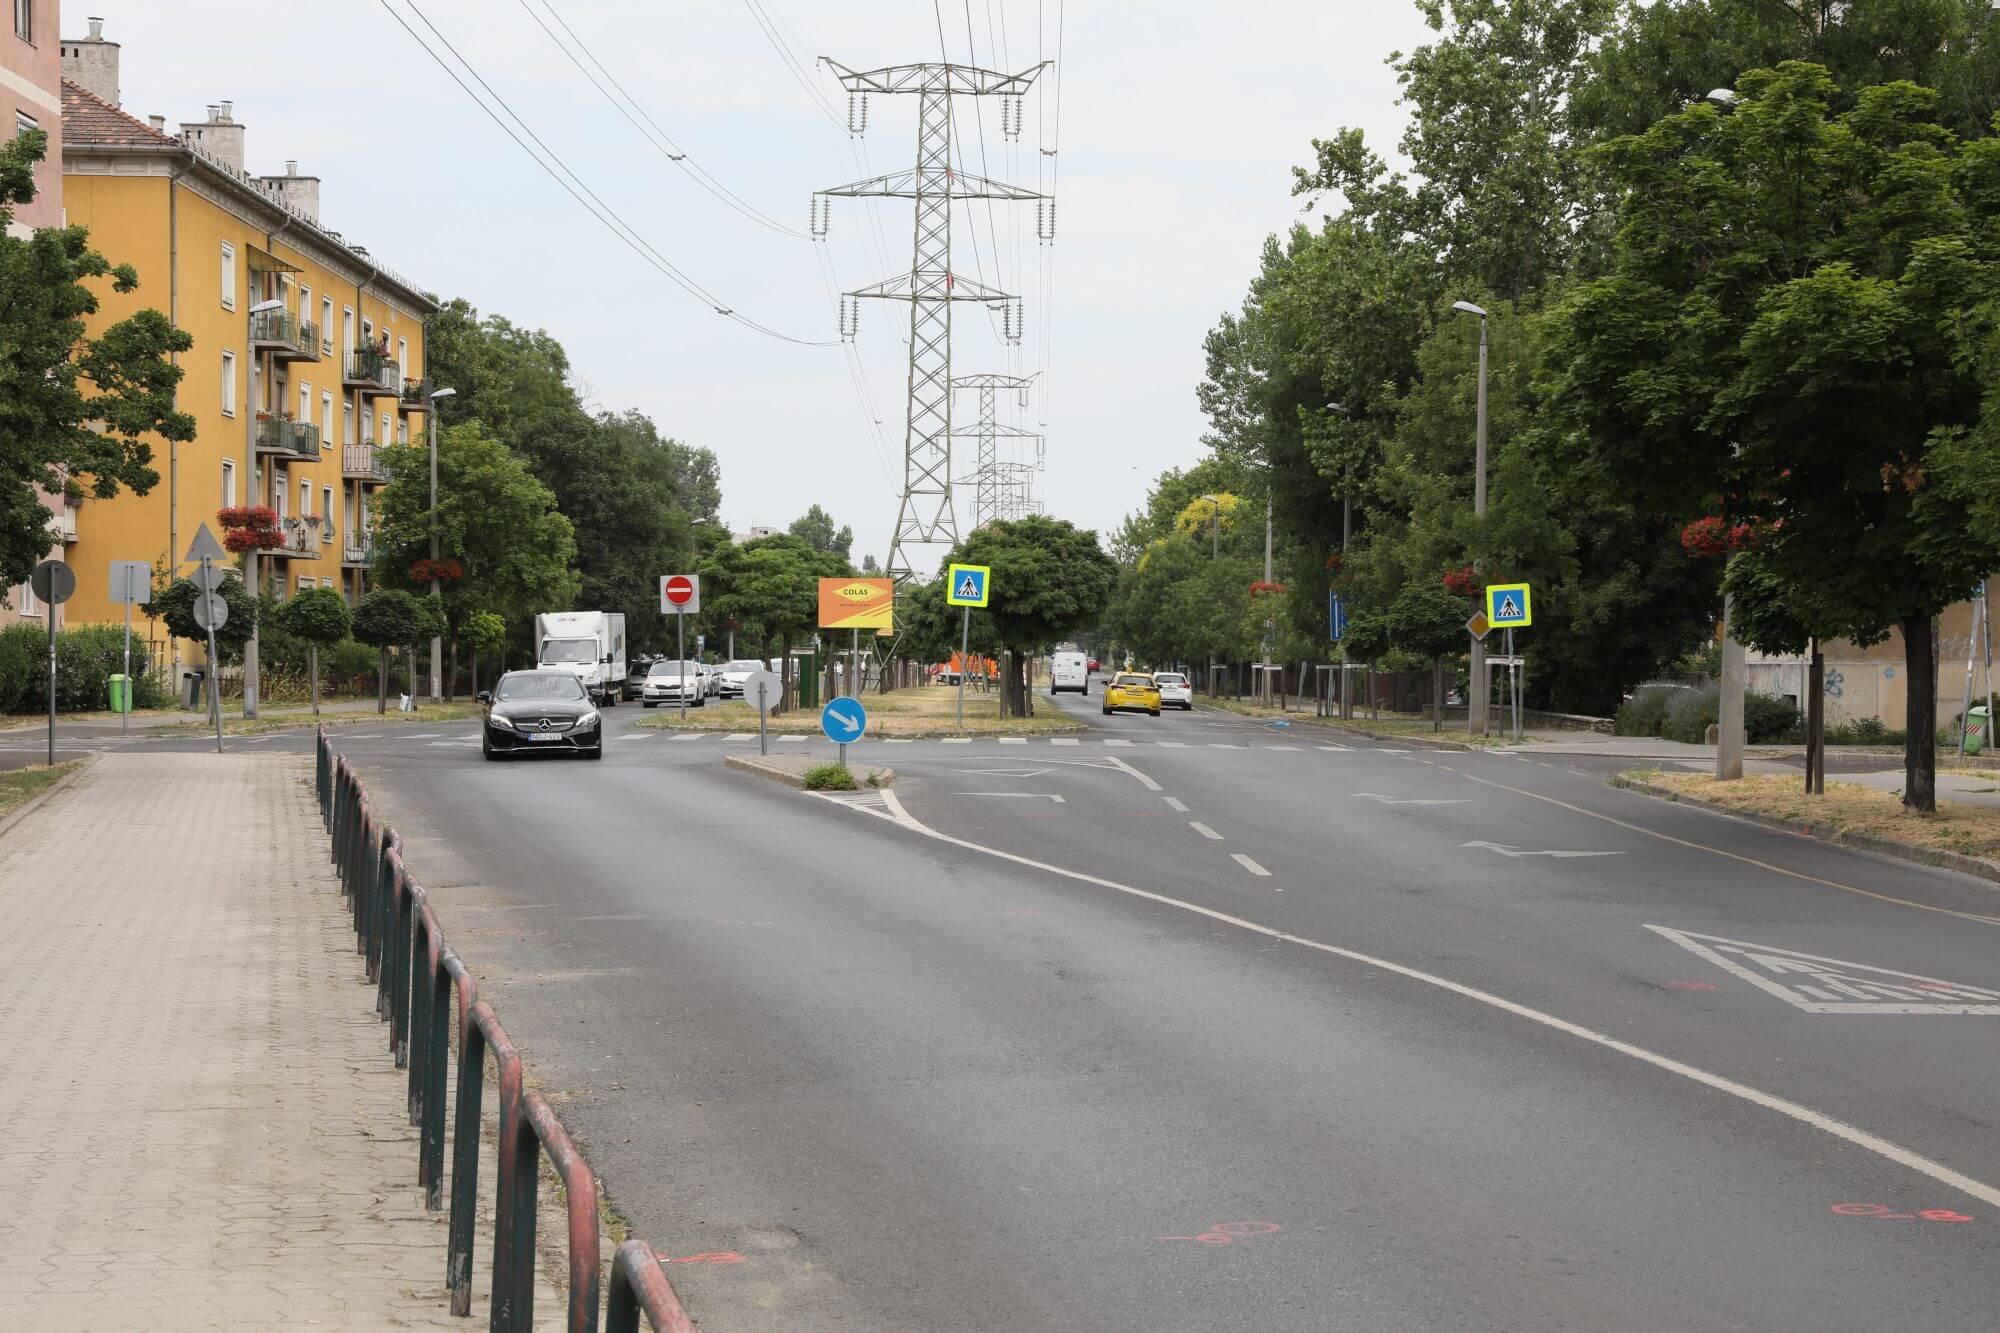 Göncöl utca látképe